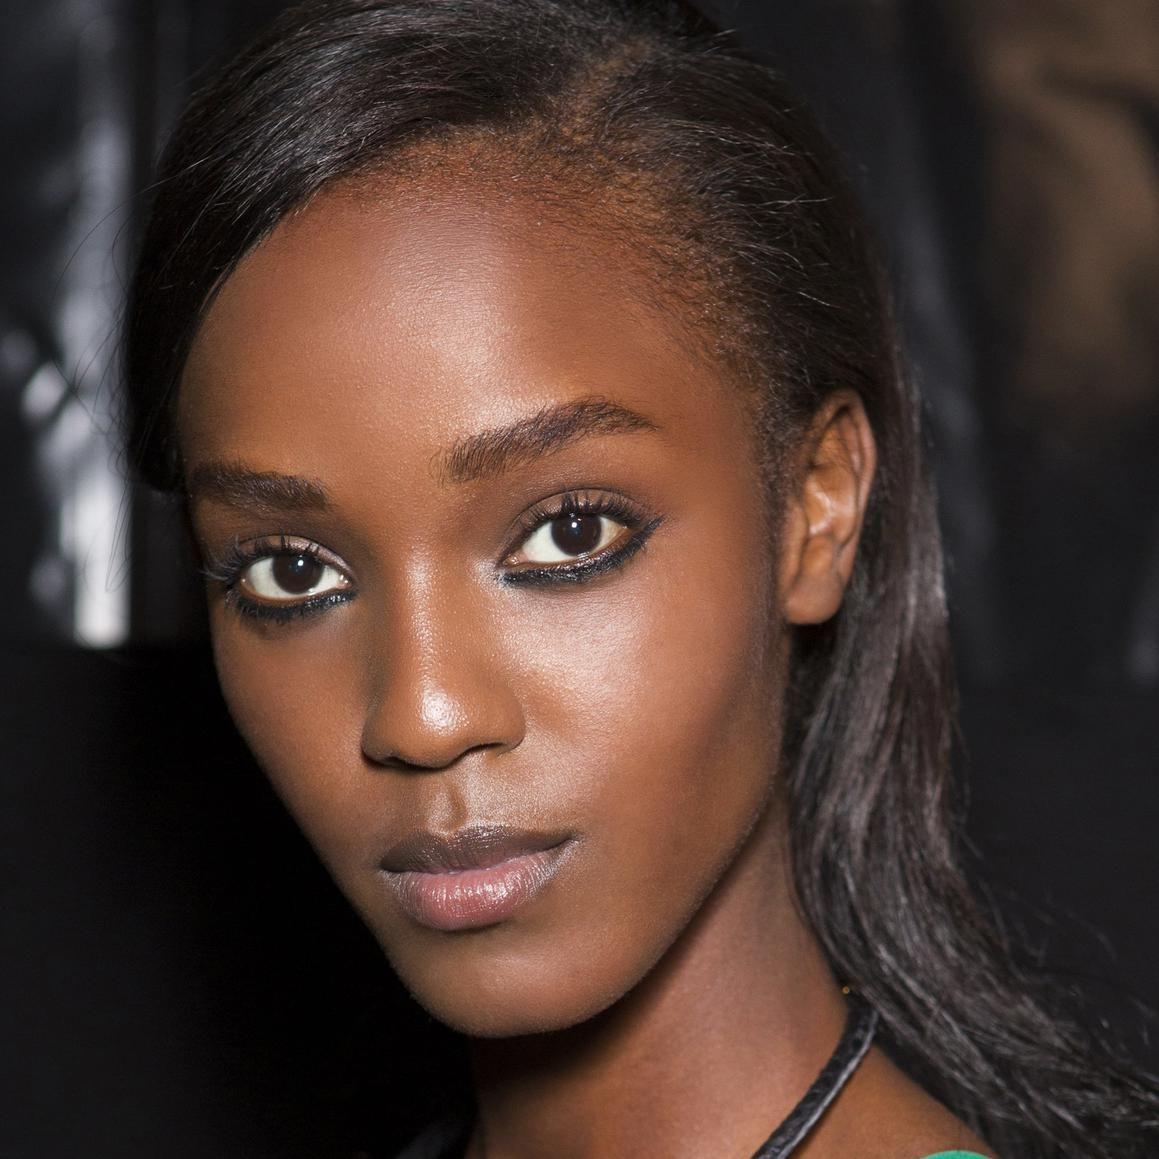 Peaux noires et métissées : 20 looks beauté à adopter sans attendre